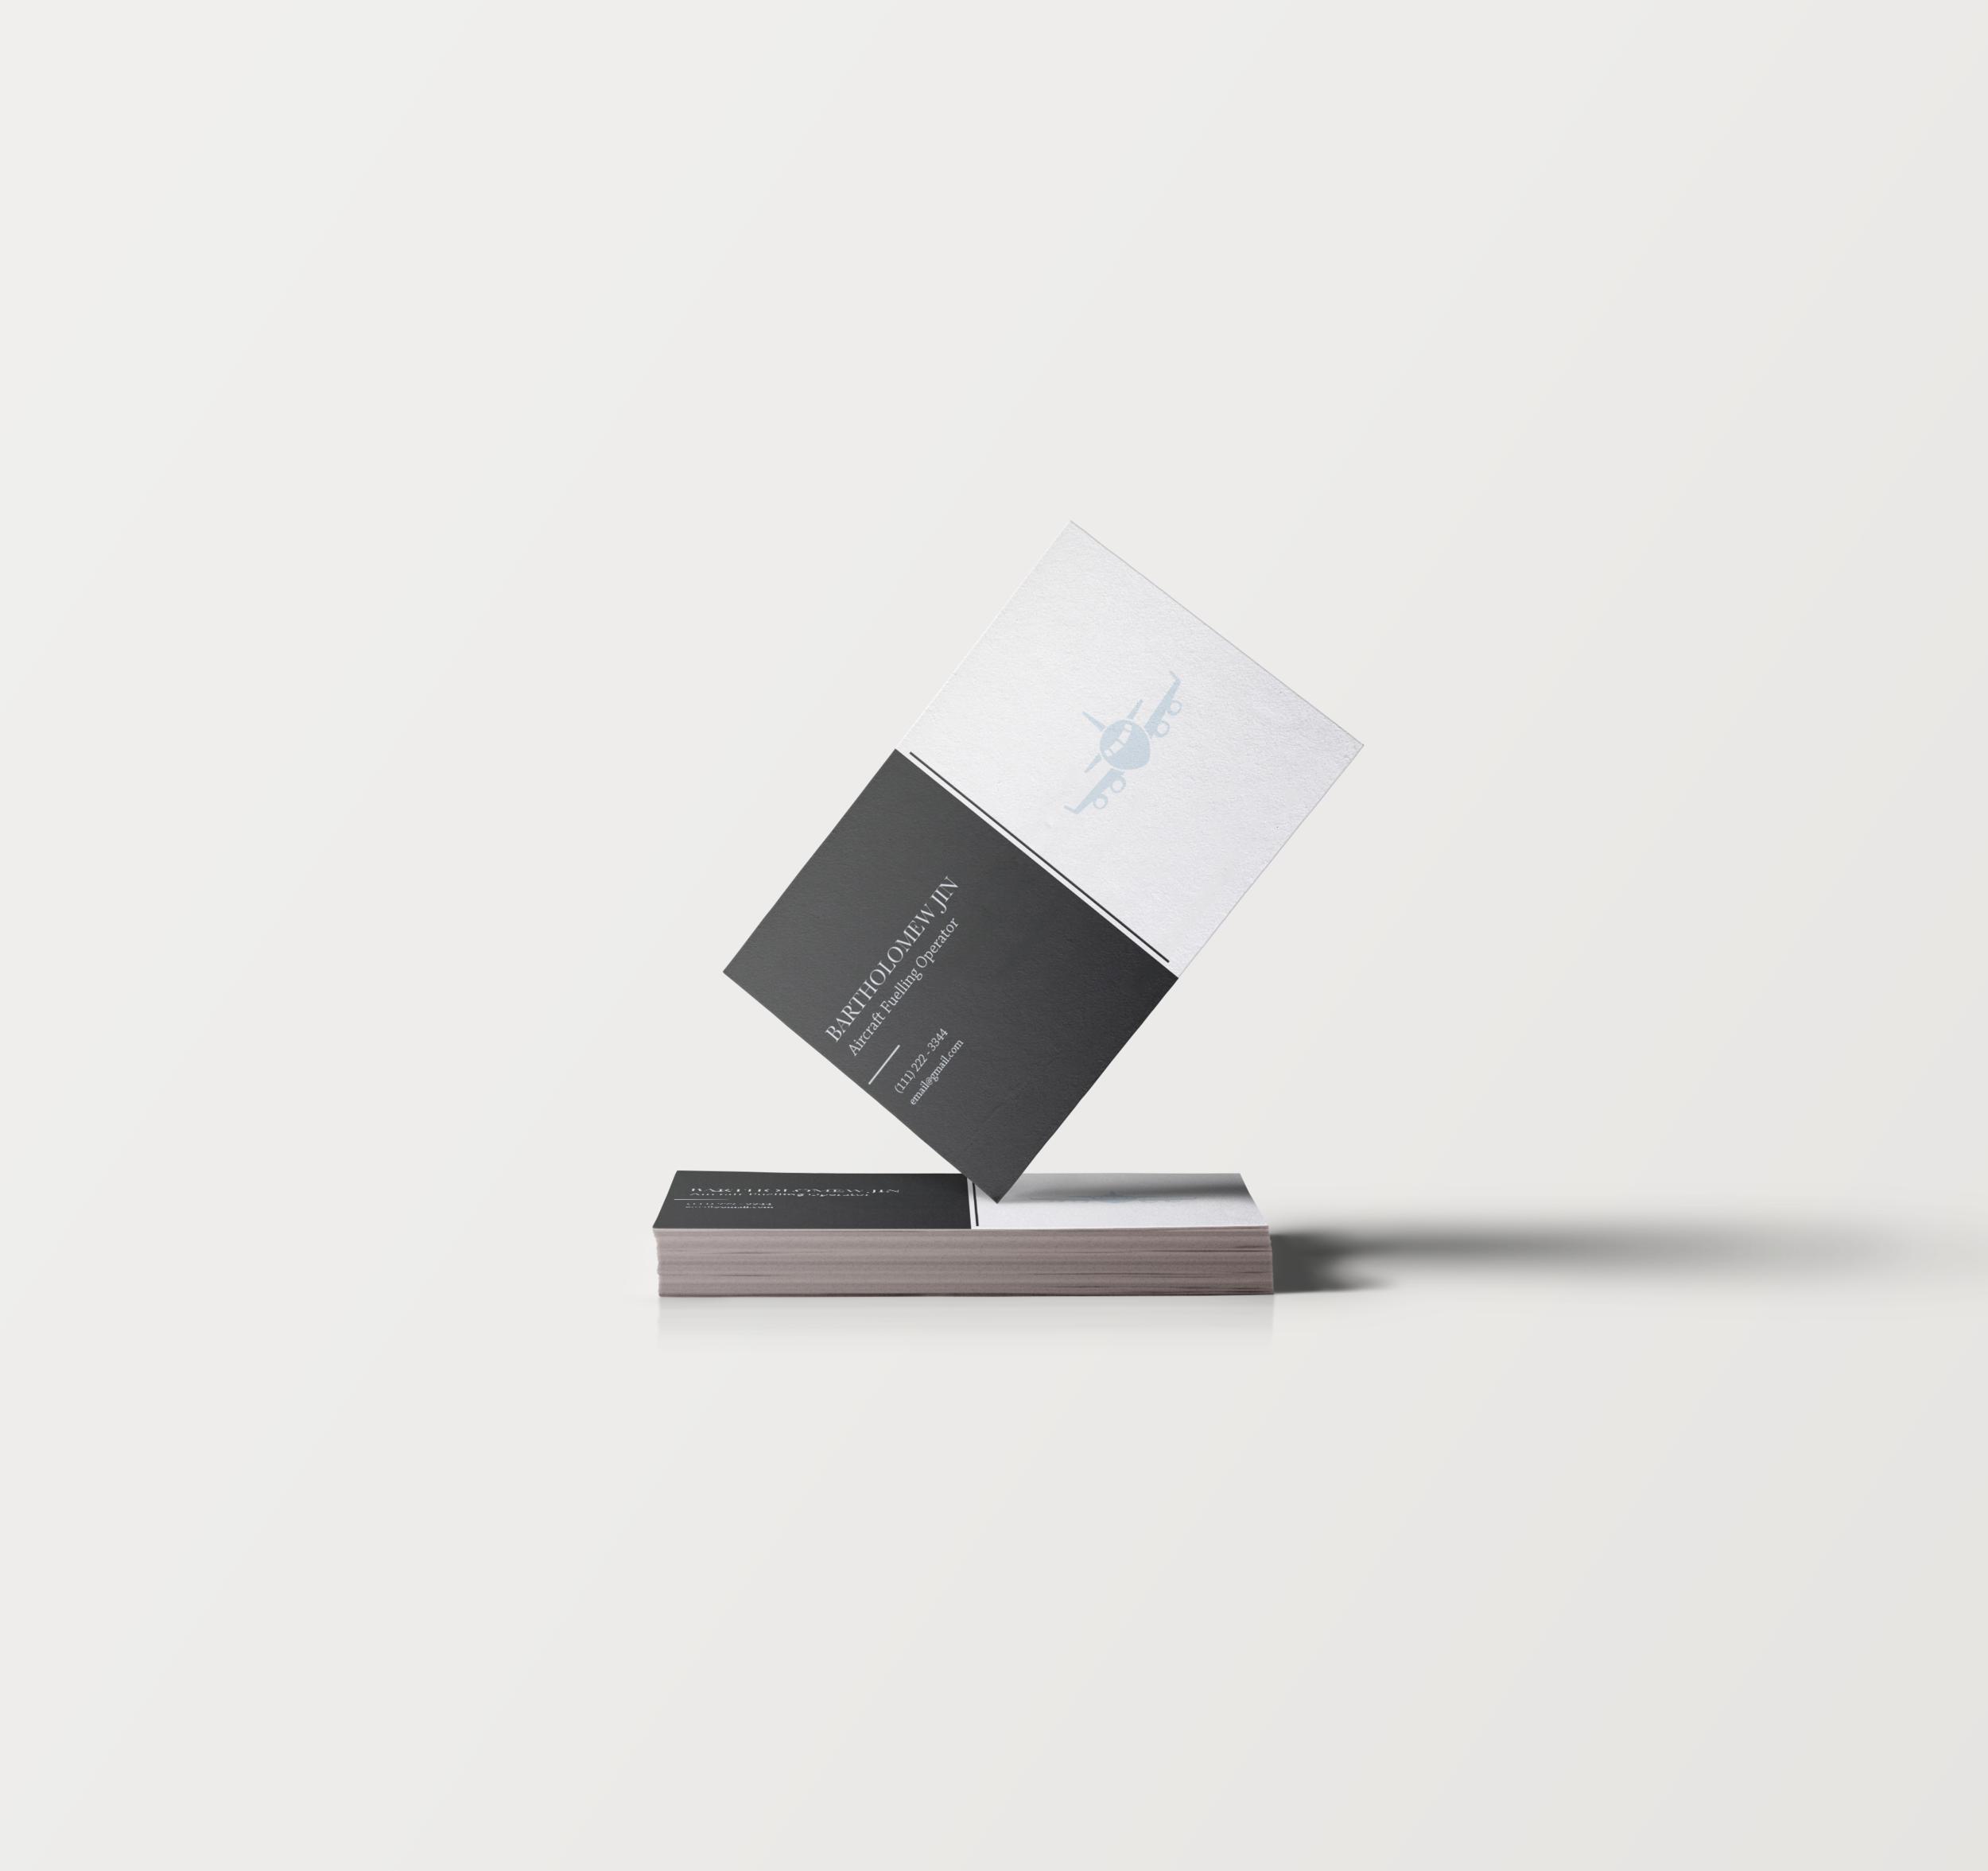 Business-Card-Mockup-Presentation.png